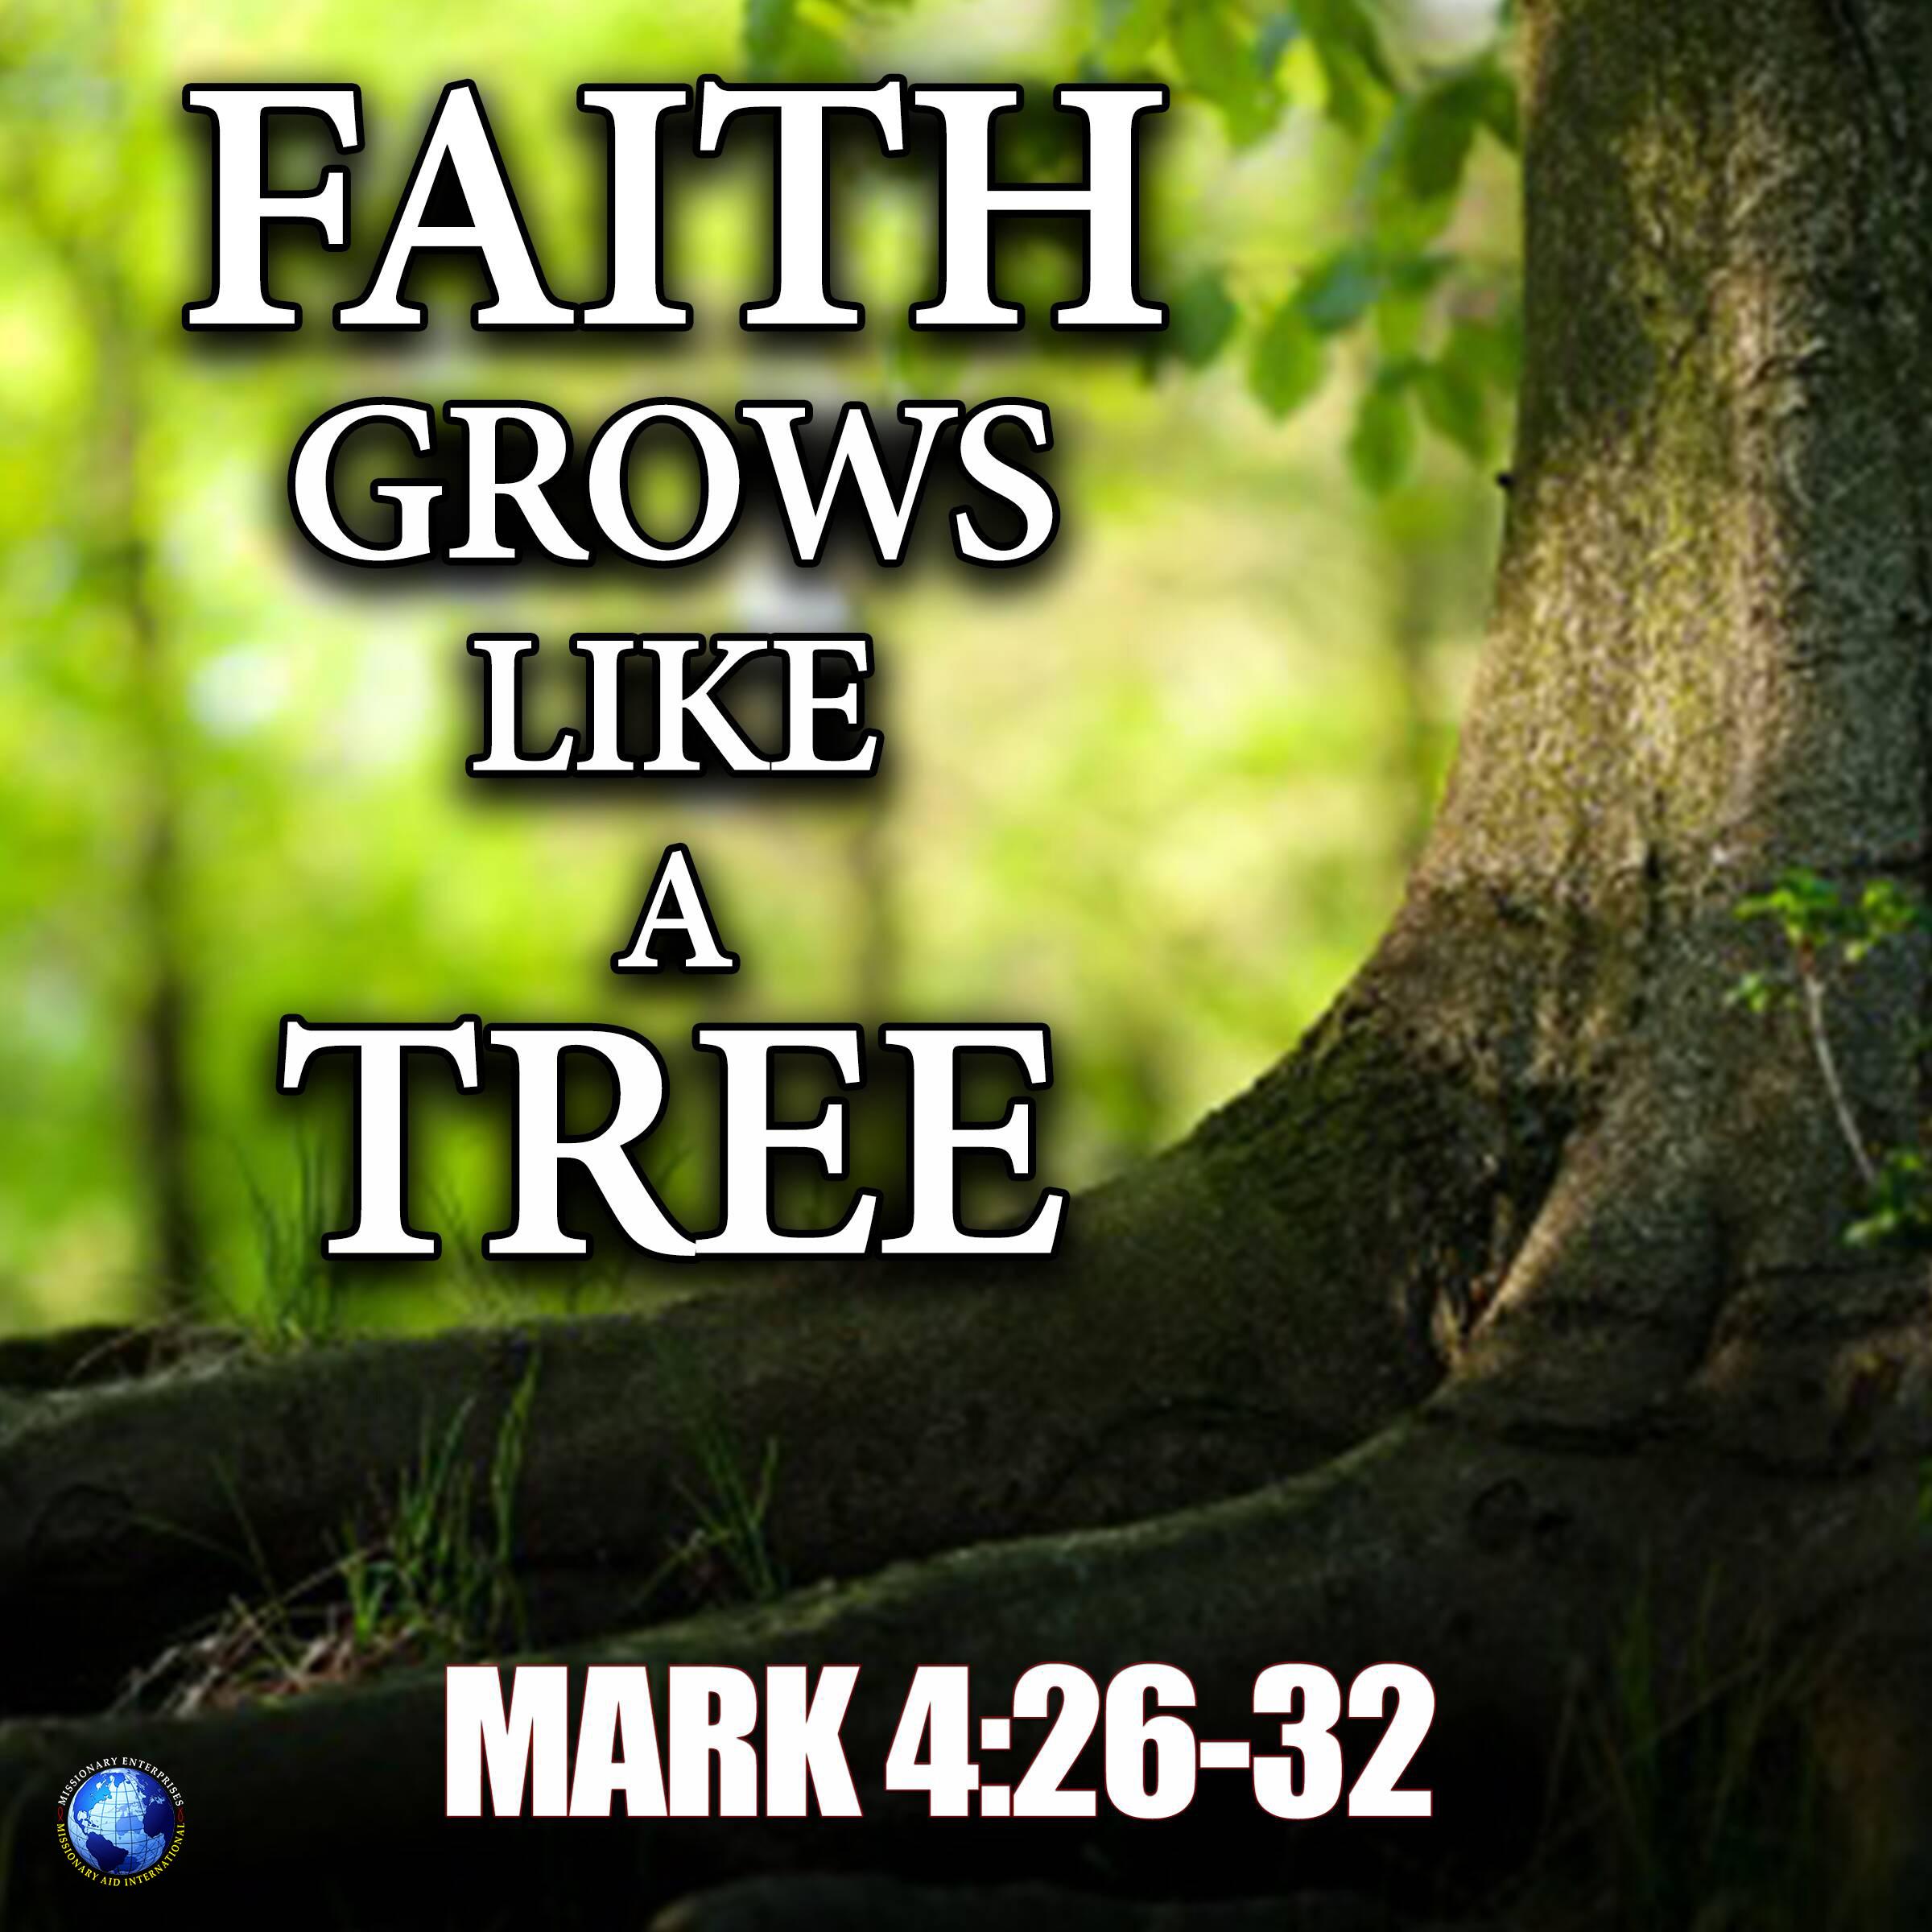 Faith Grows Like A Tree